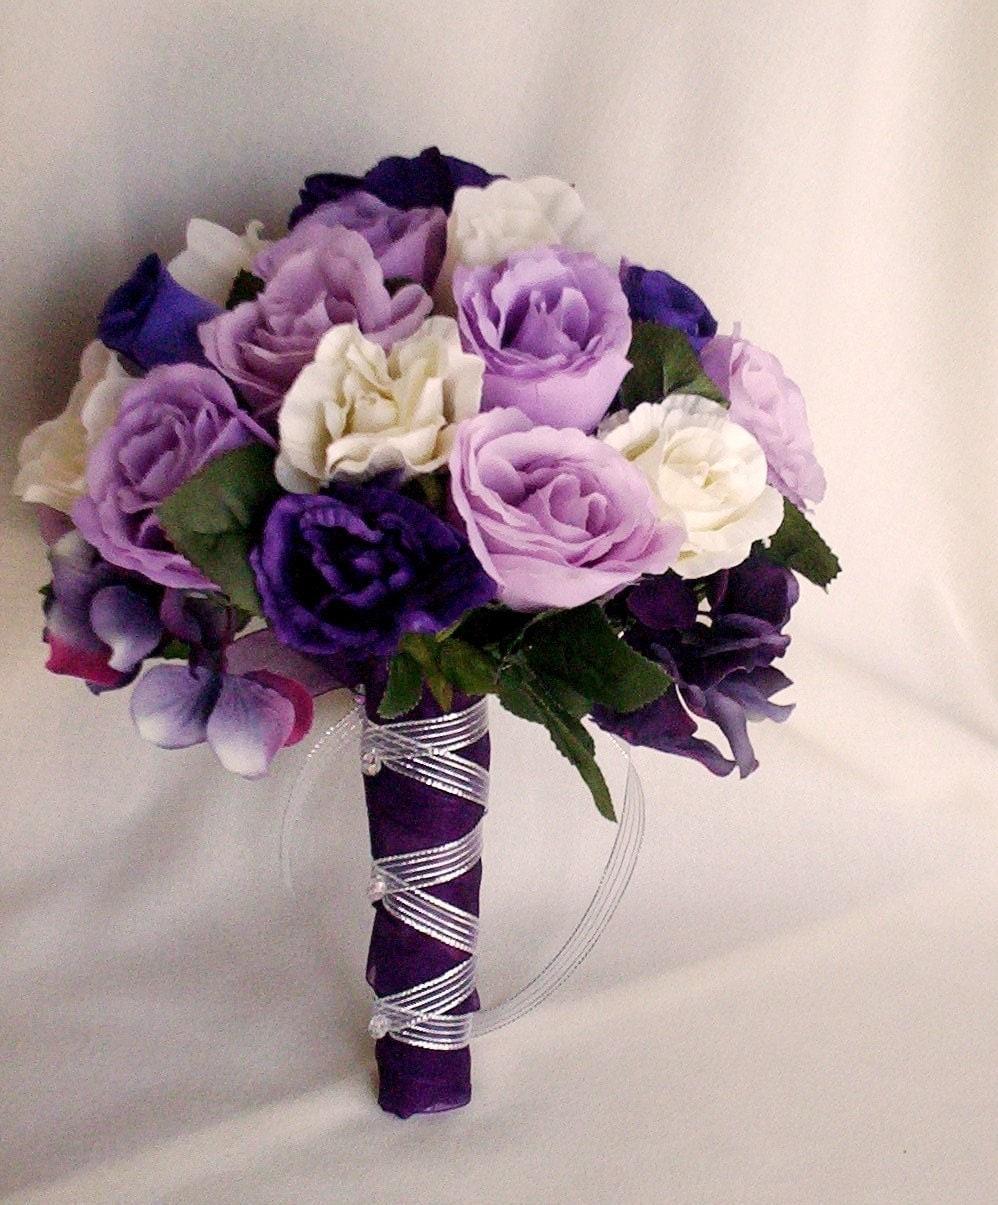 Bridal Bouquets Artificial Flowers